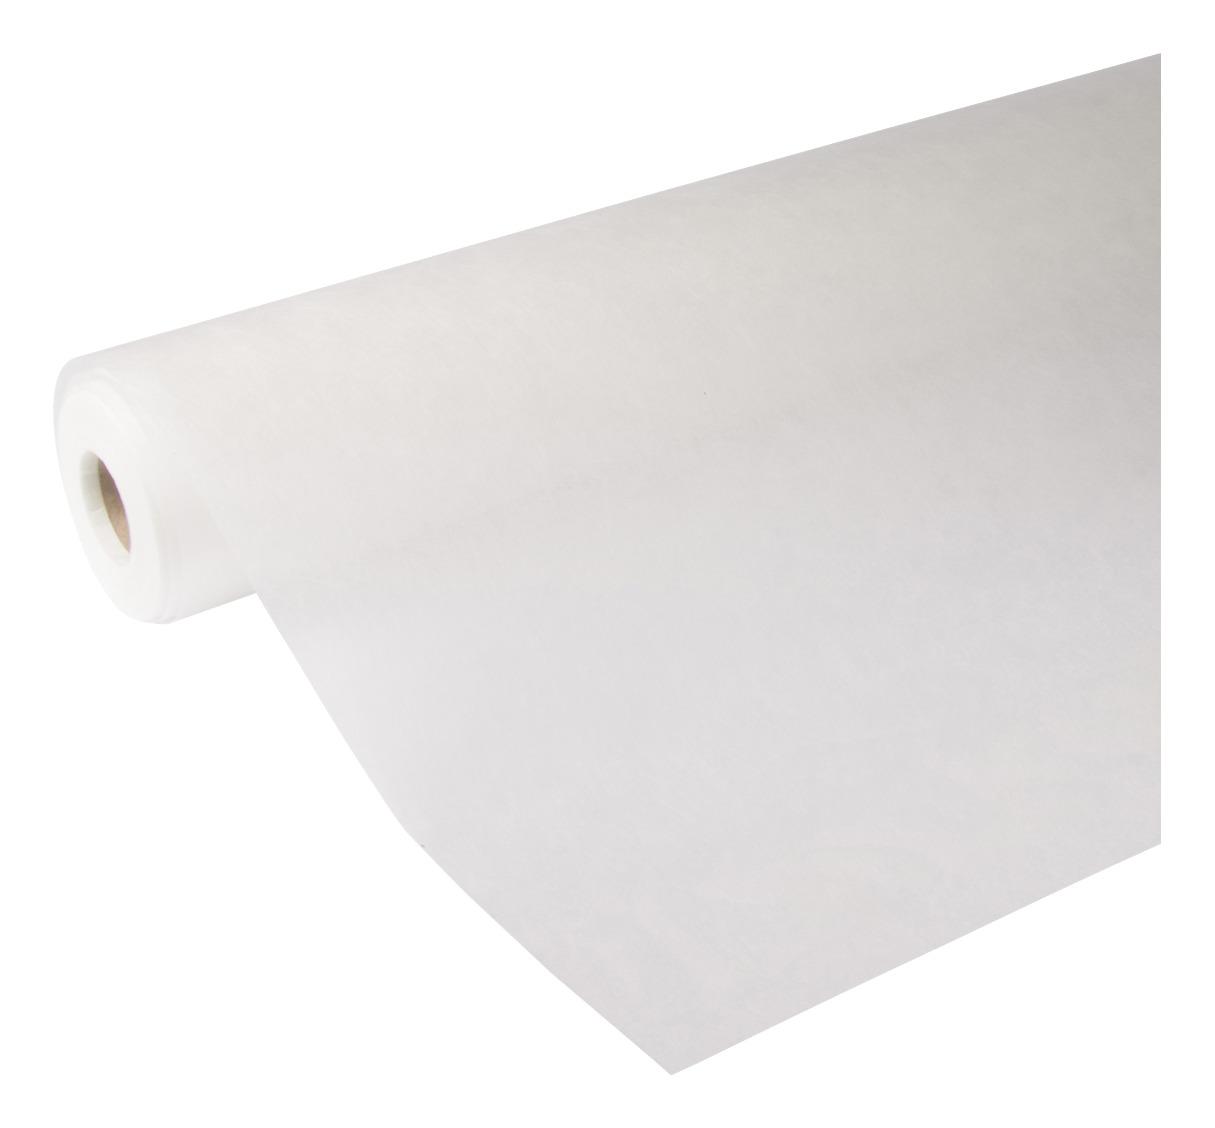 Glasweefselbehang ruit voorgeschilderd wit 25 meter (dessin GW403-25)